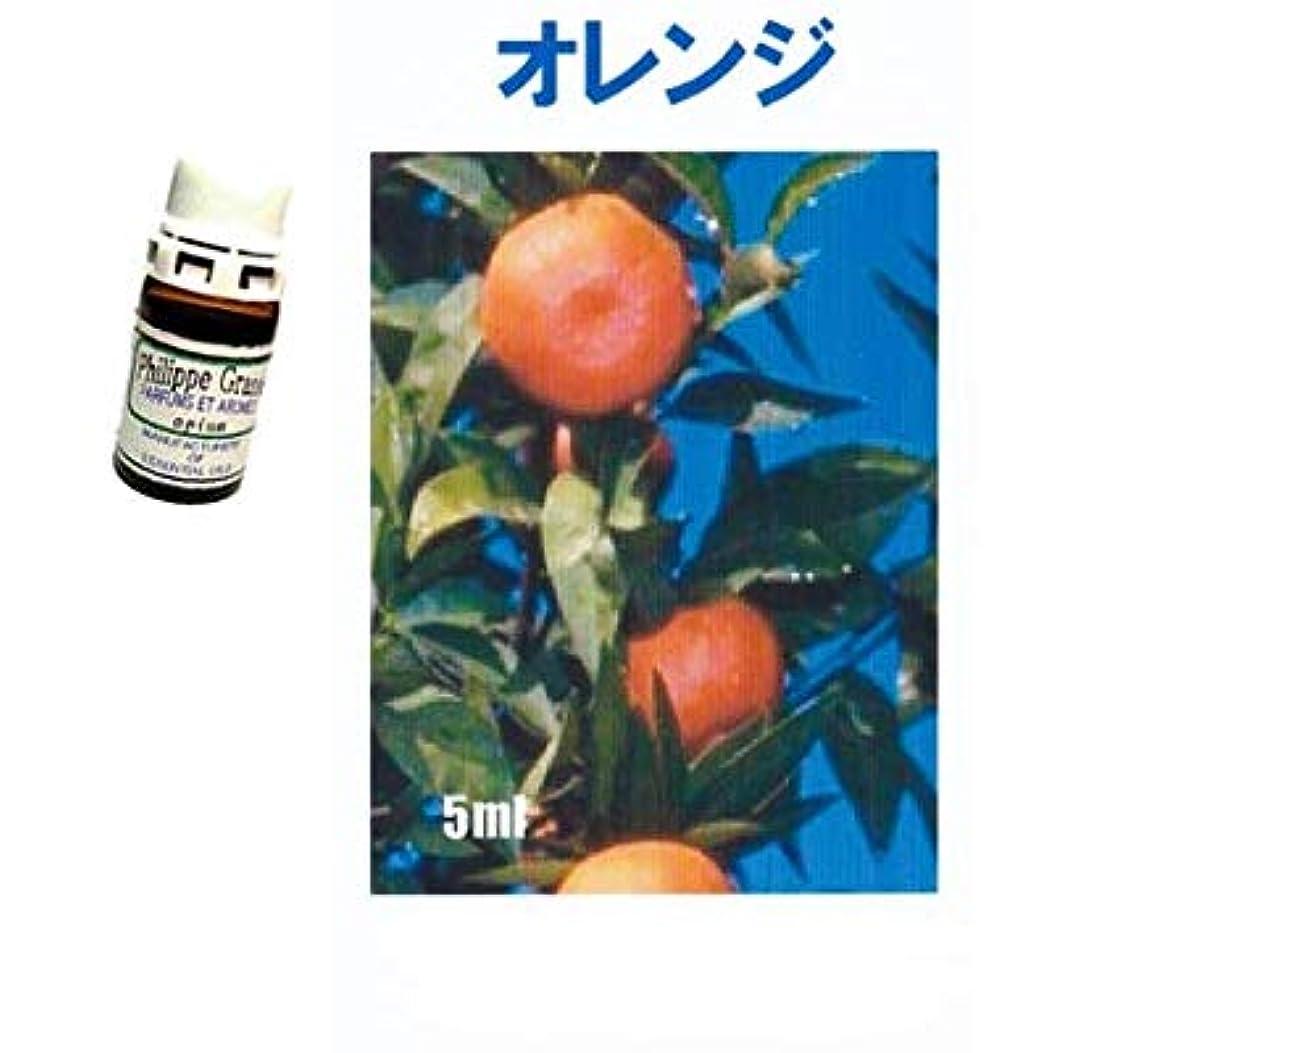 解決するキリスト教有力者アロマオイル オレンジ 5ml エッセンシャルオイル 100%天然成分